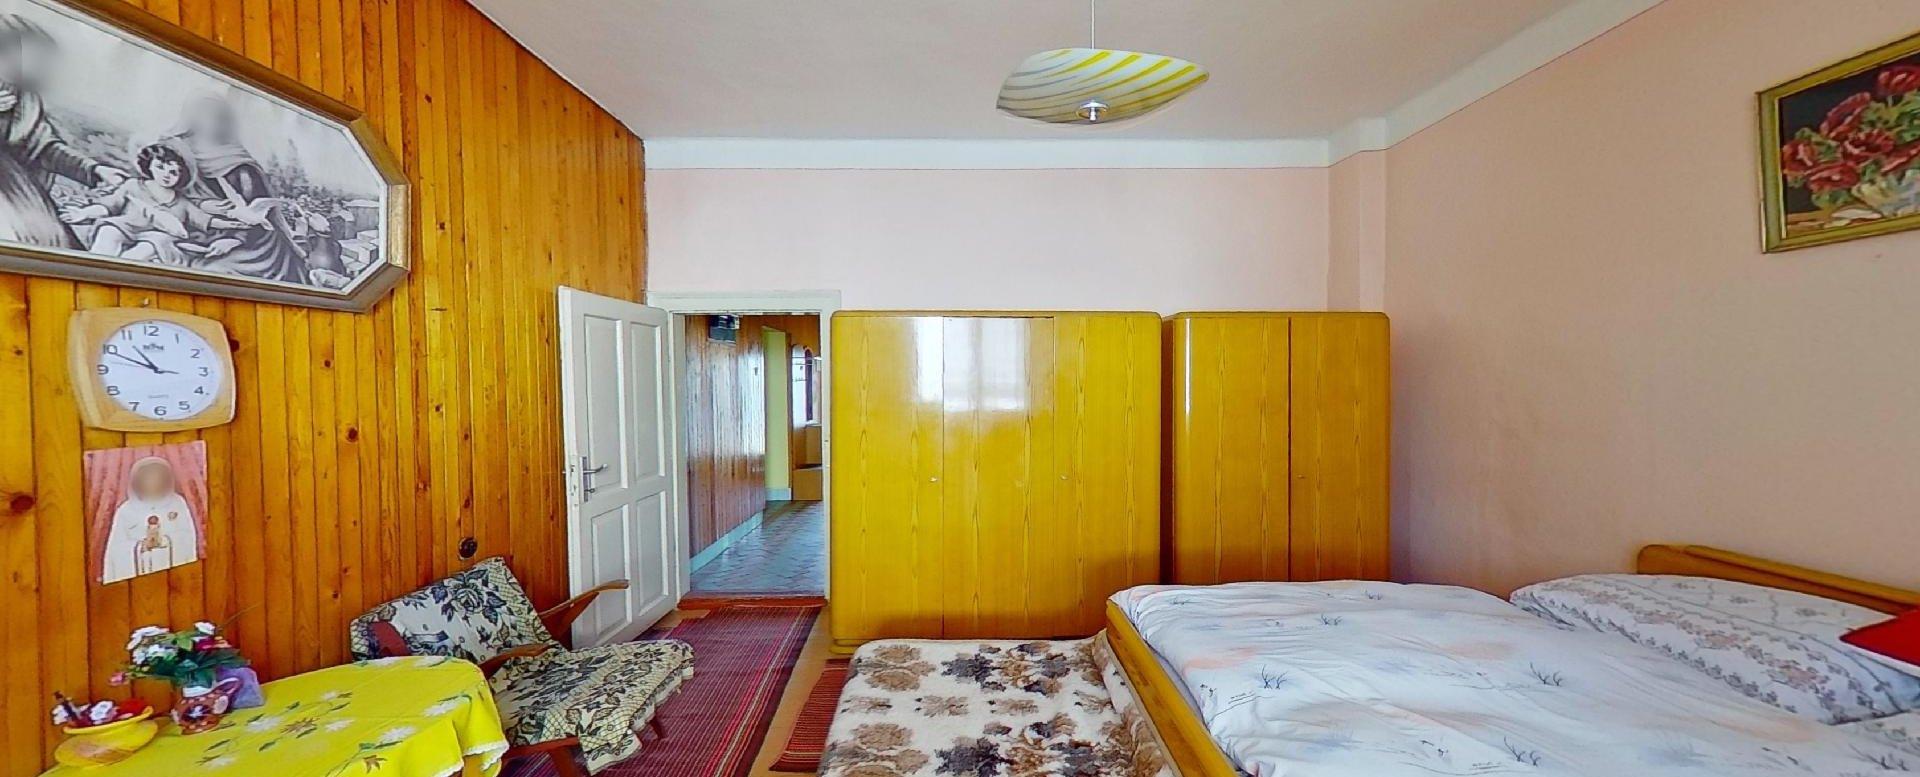 Spálňa pohľad 4